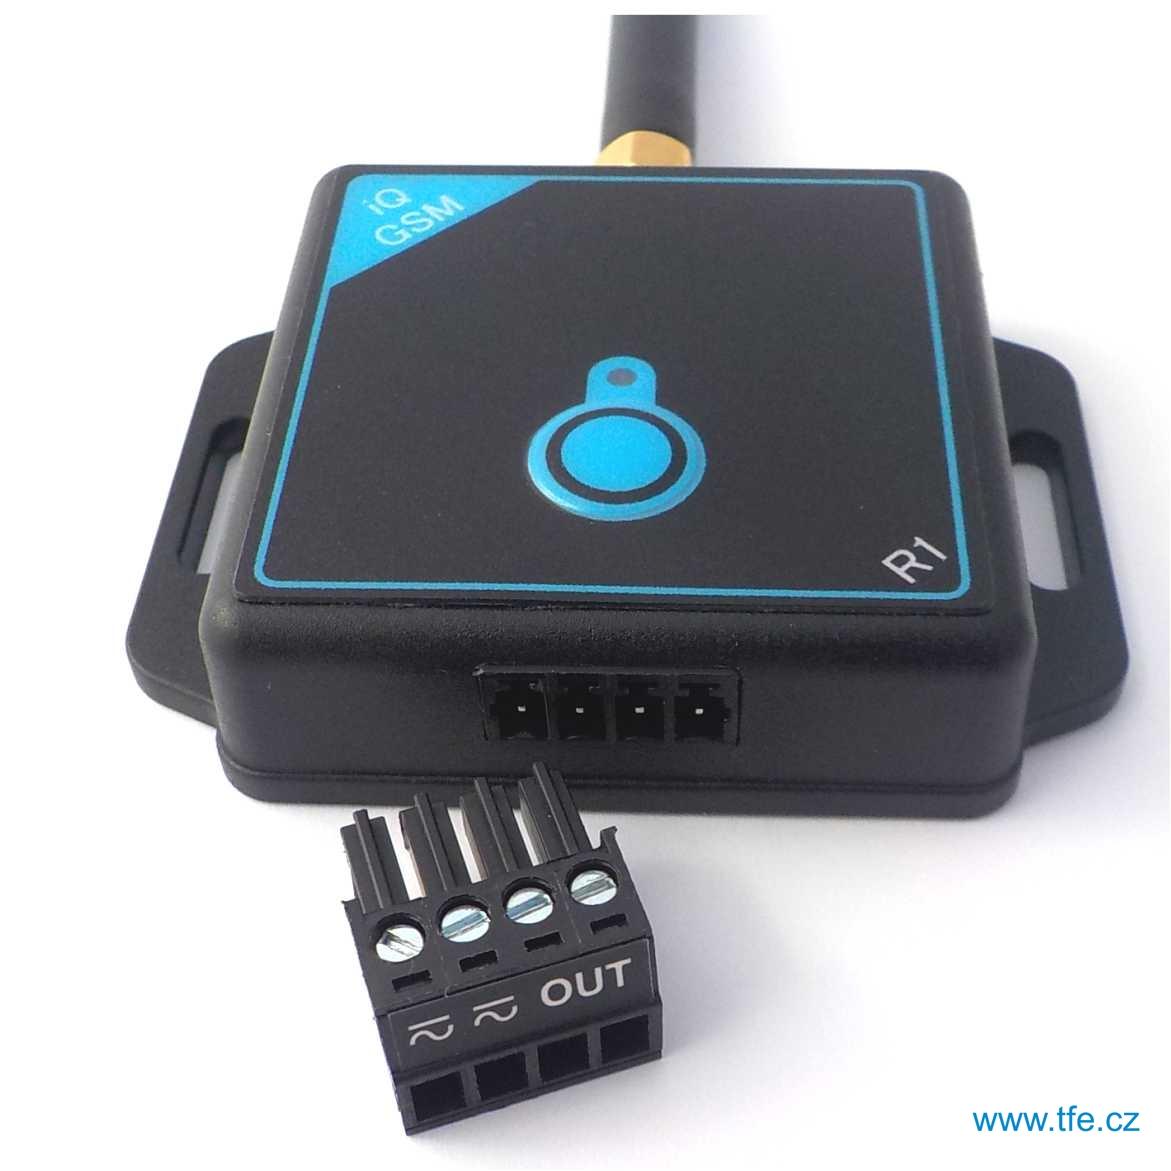 GSM klíč iQGSM-R1 pro 10 uživatelů